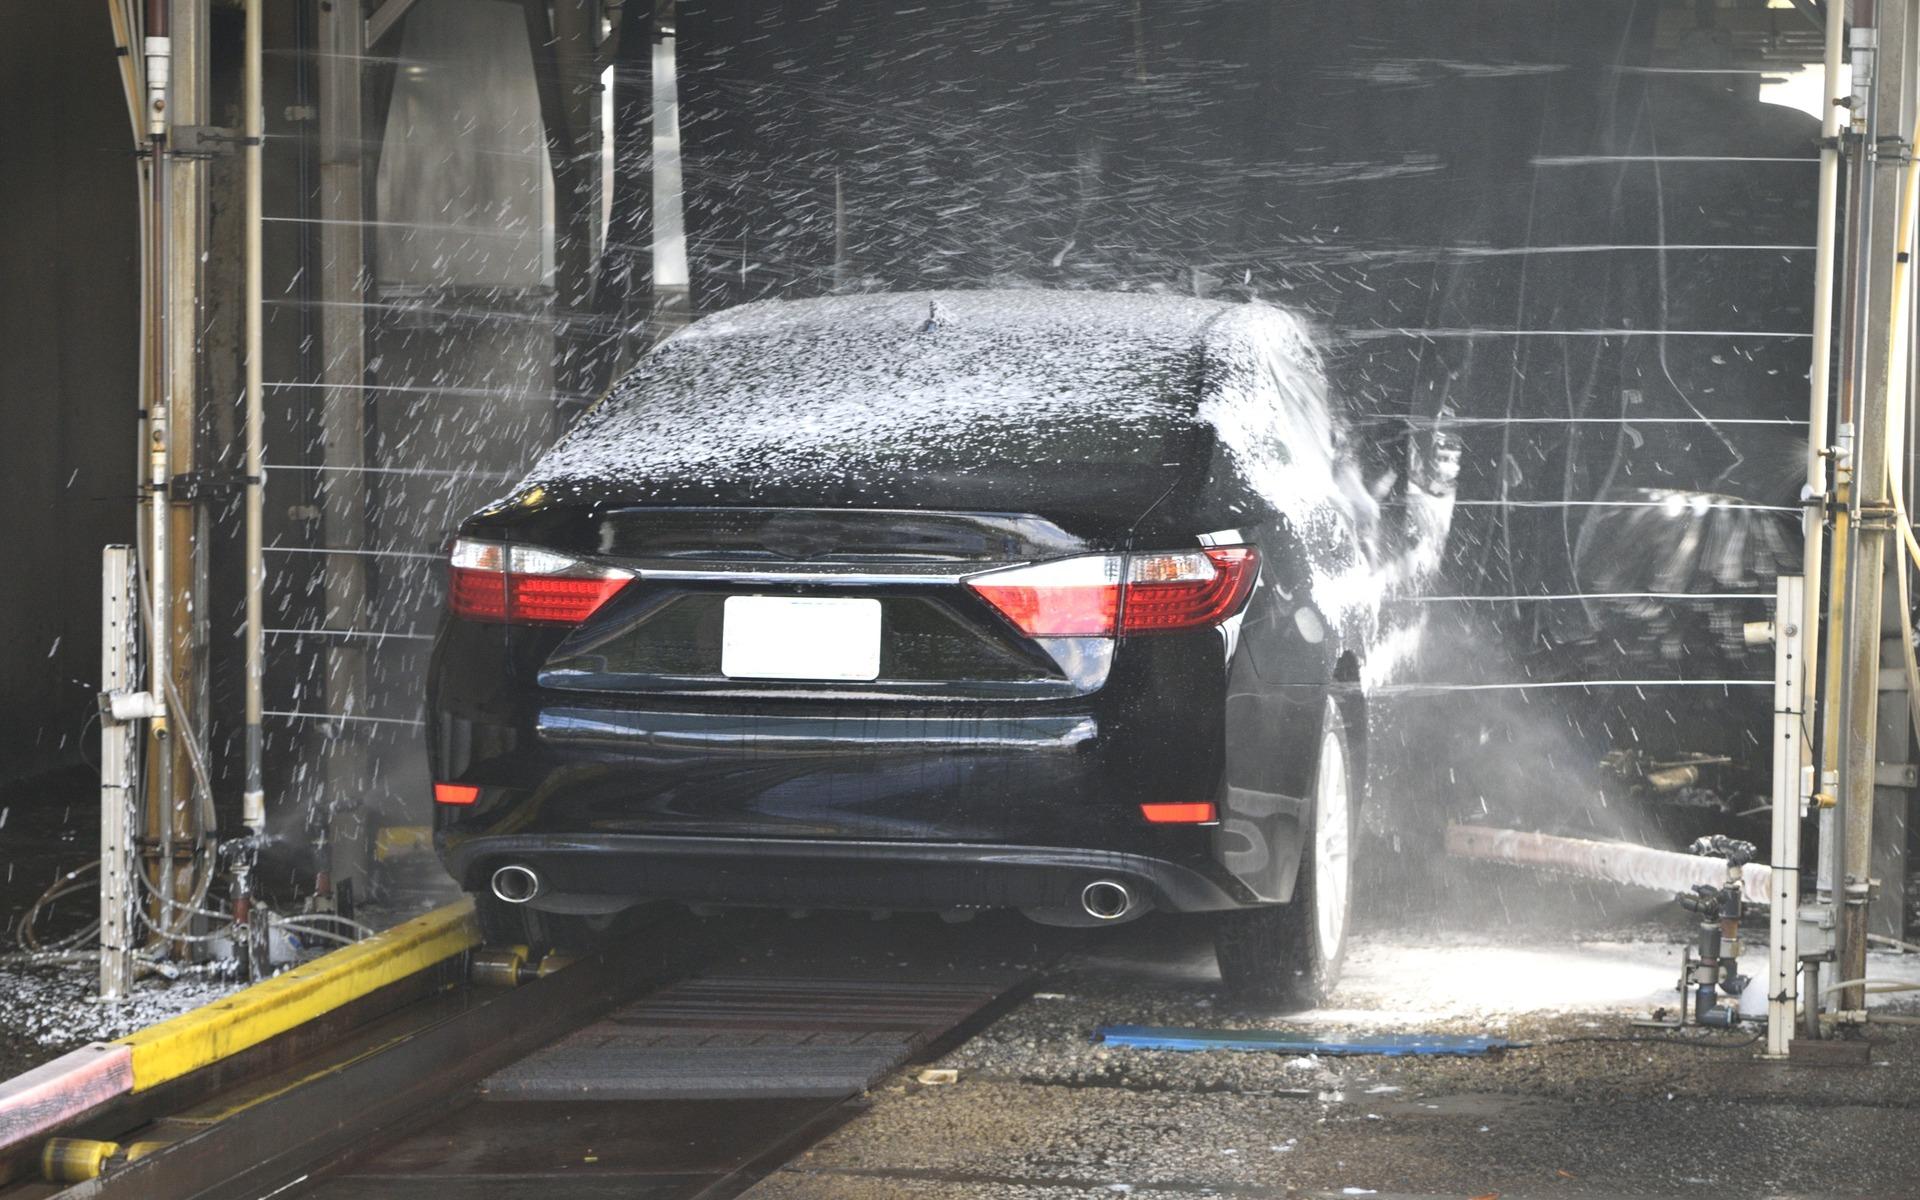 Lavage automatique voiture neuve for Lavage auto exterieur